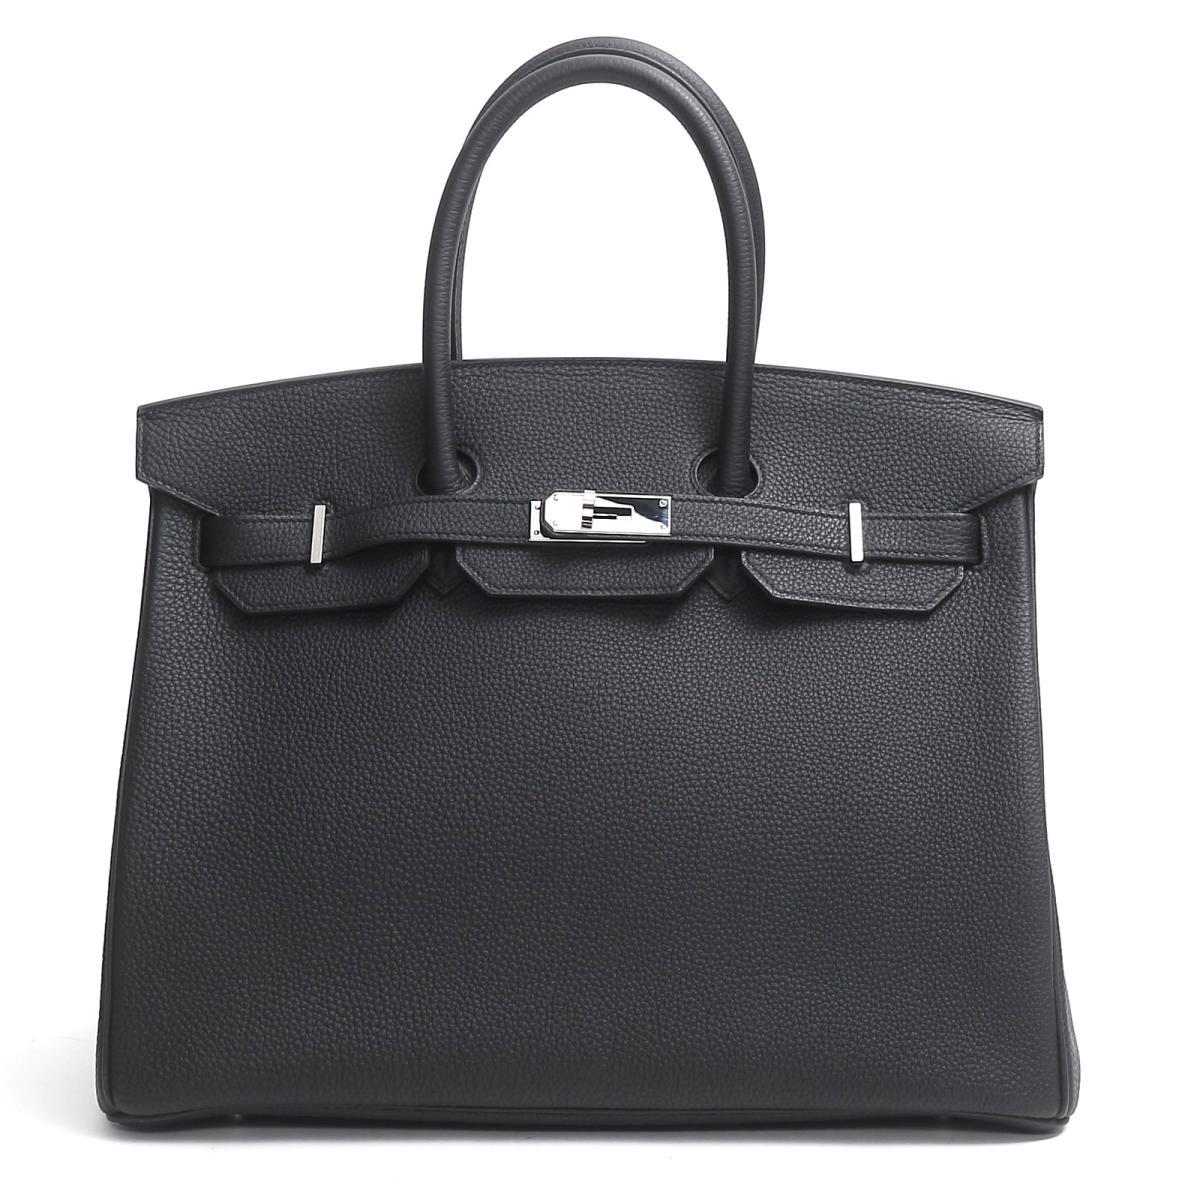 【中古】エルメス バーキン35 ハンドバッグ バッグ レディース トゴ ブラック(金具:シルバー)